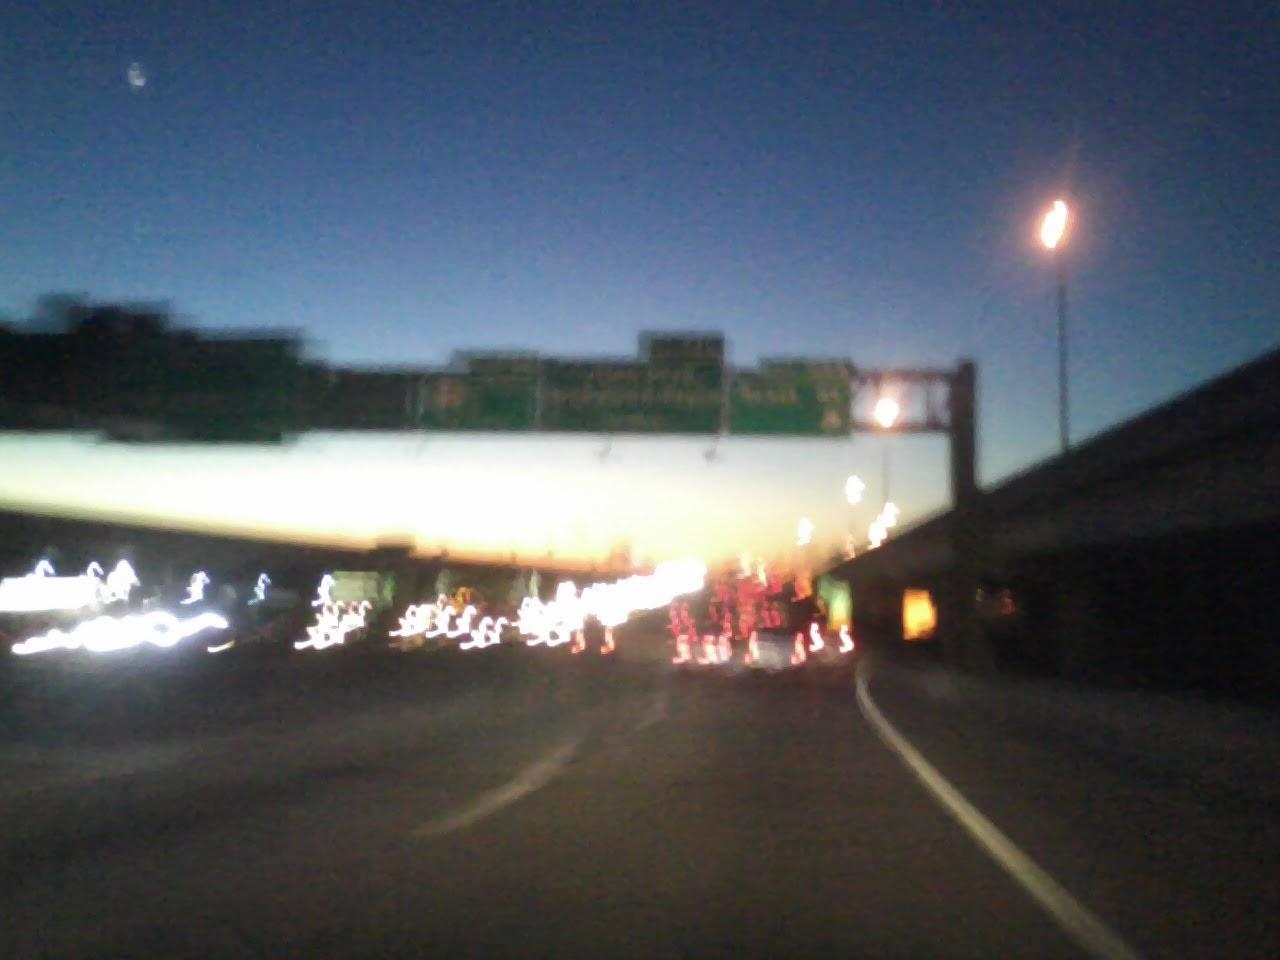 Sky - 1017065644.jpg